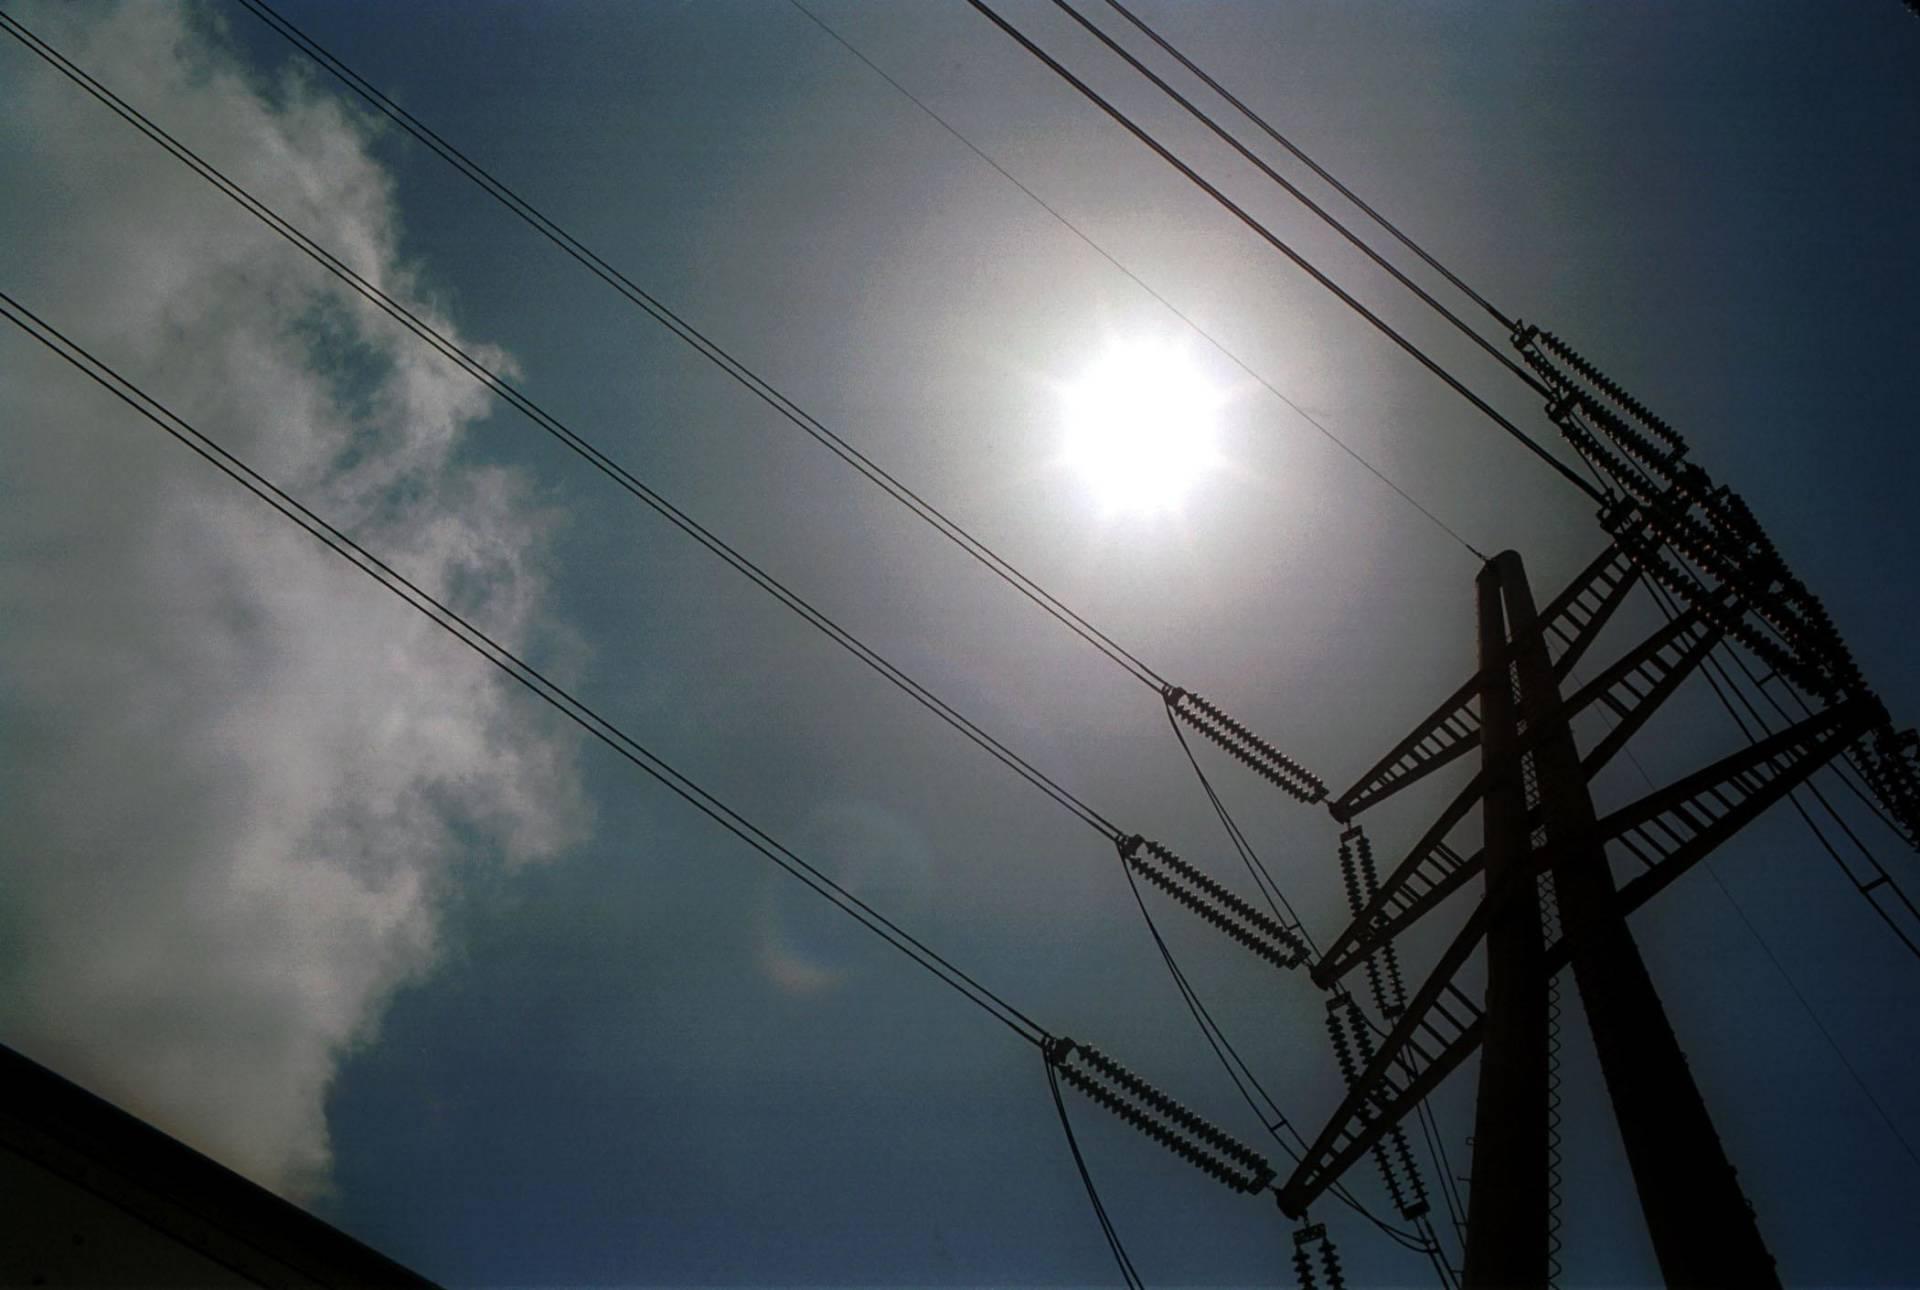 Power lines in Redondo Beach, California.